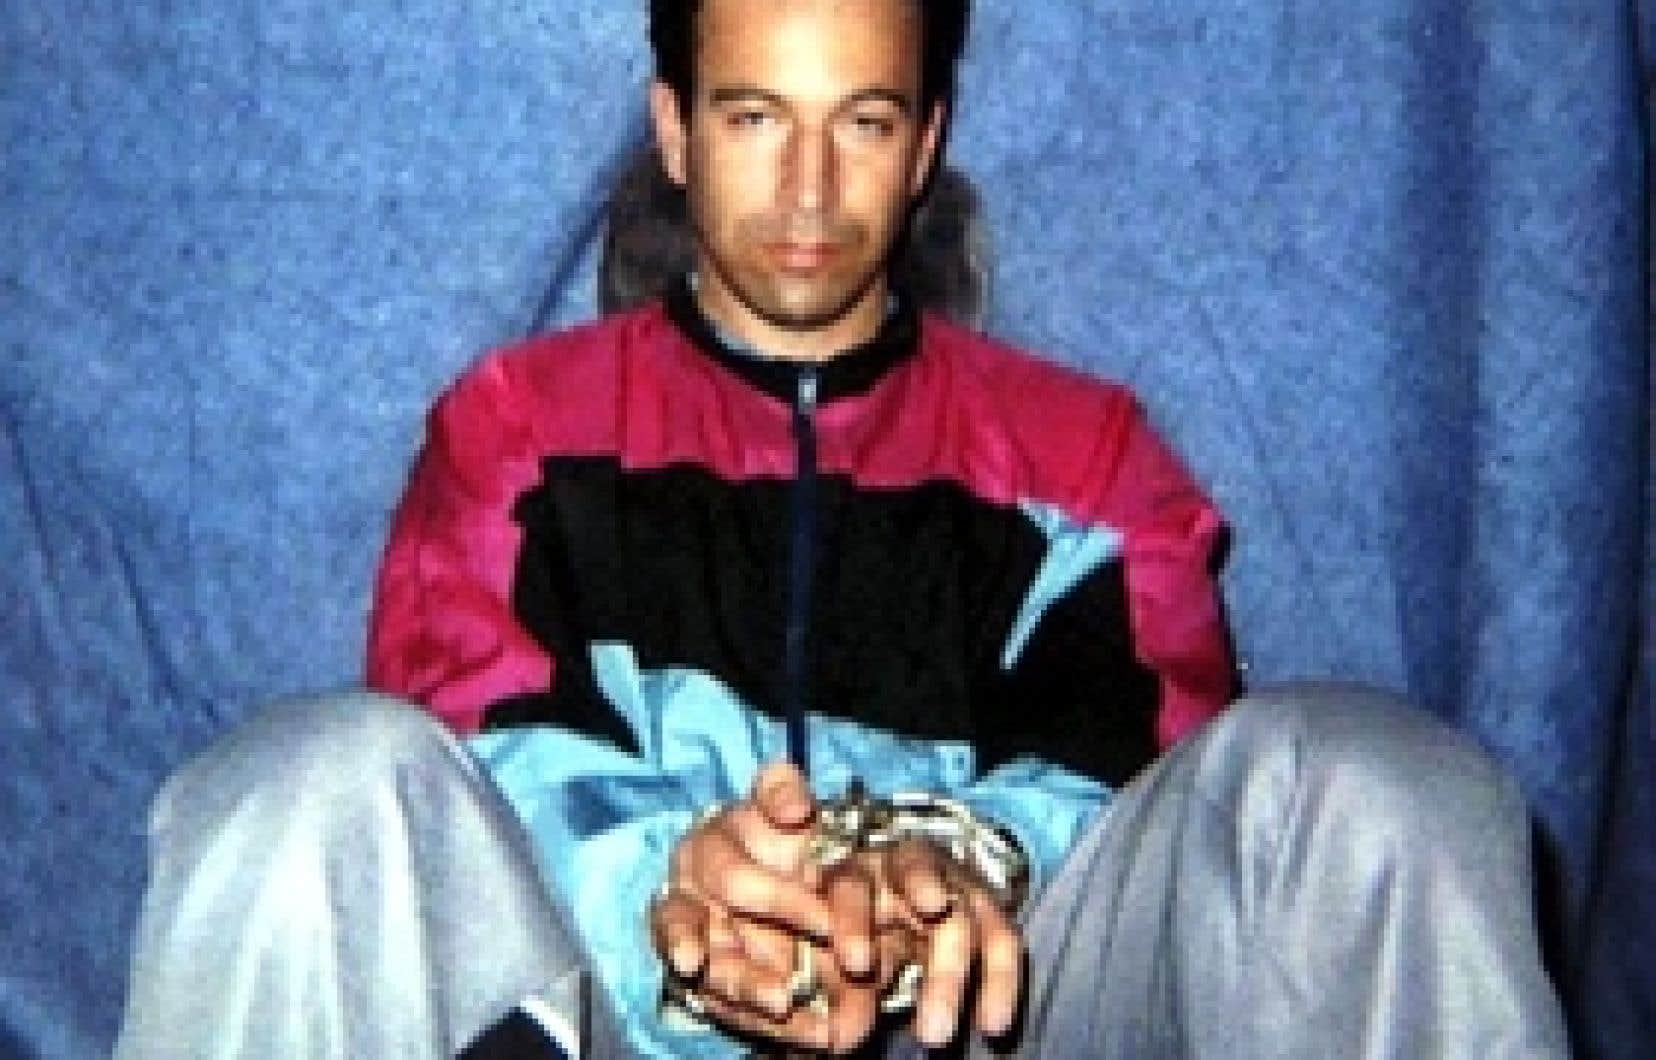 Cette photo de Daniel Pearl a été diffusée en janvier 2002 sur Internet par les militants djihadistes qui l'avaient enlevé.